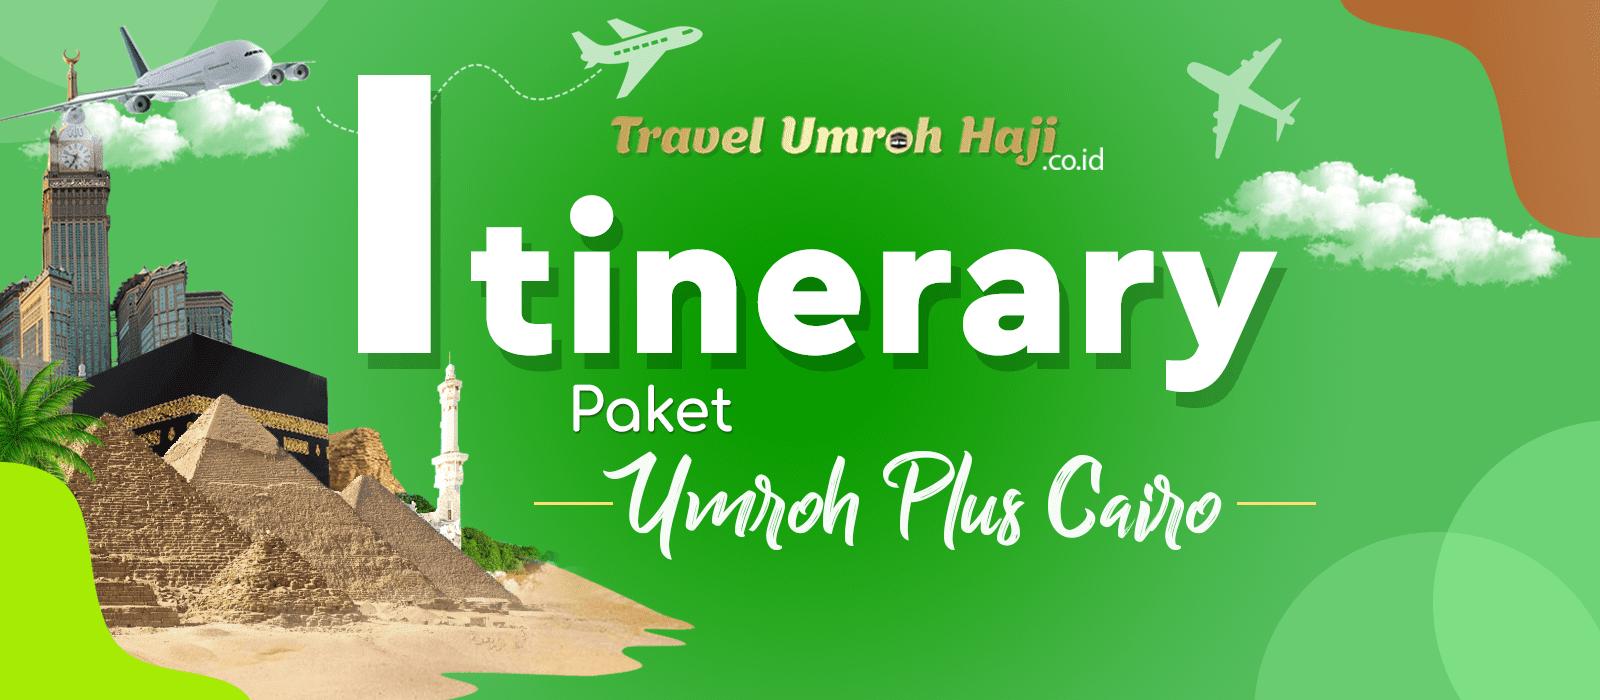 Program Itinerary Umroh Plus Cairo Mesir 12 Hari